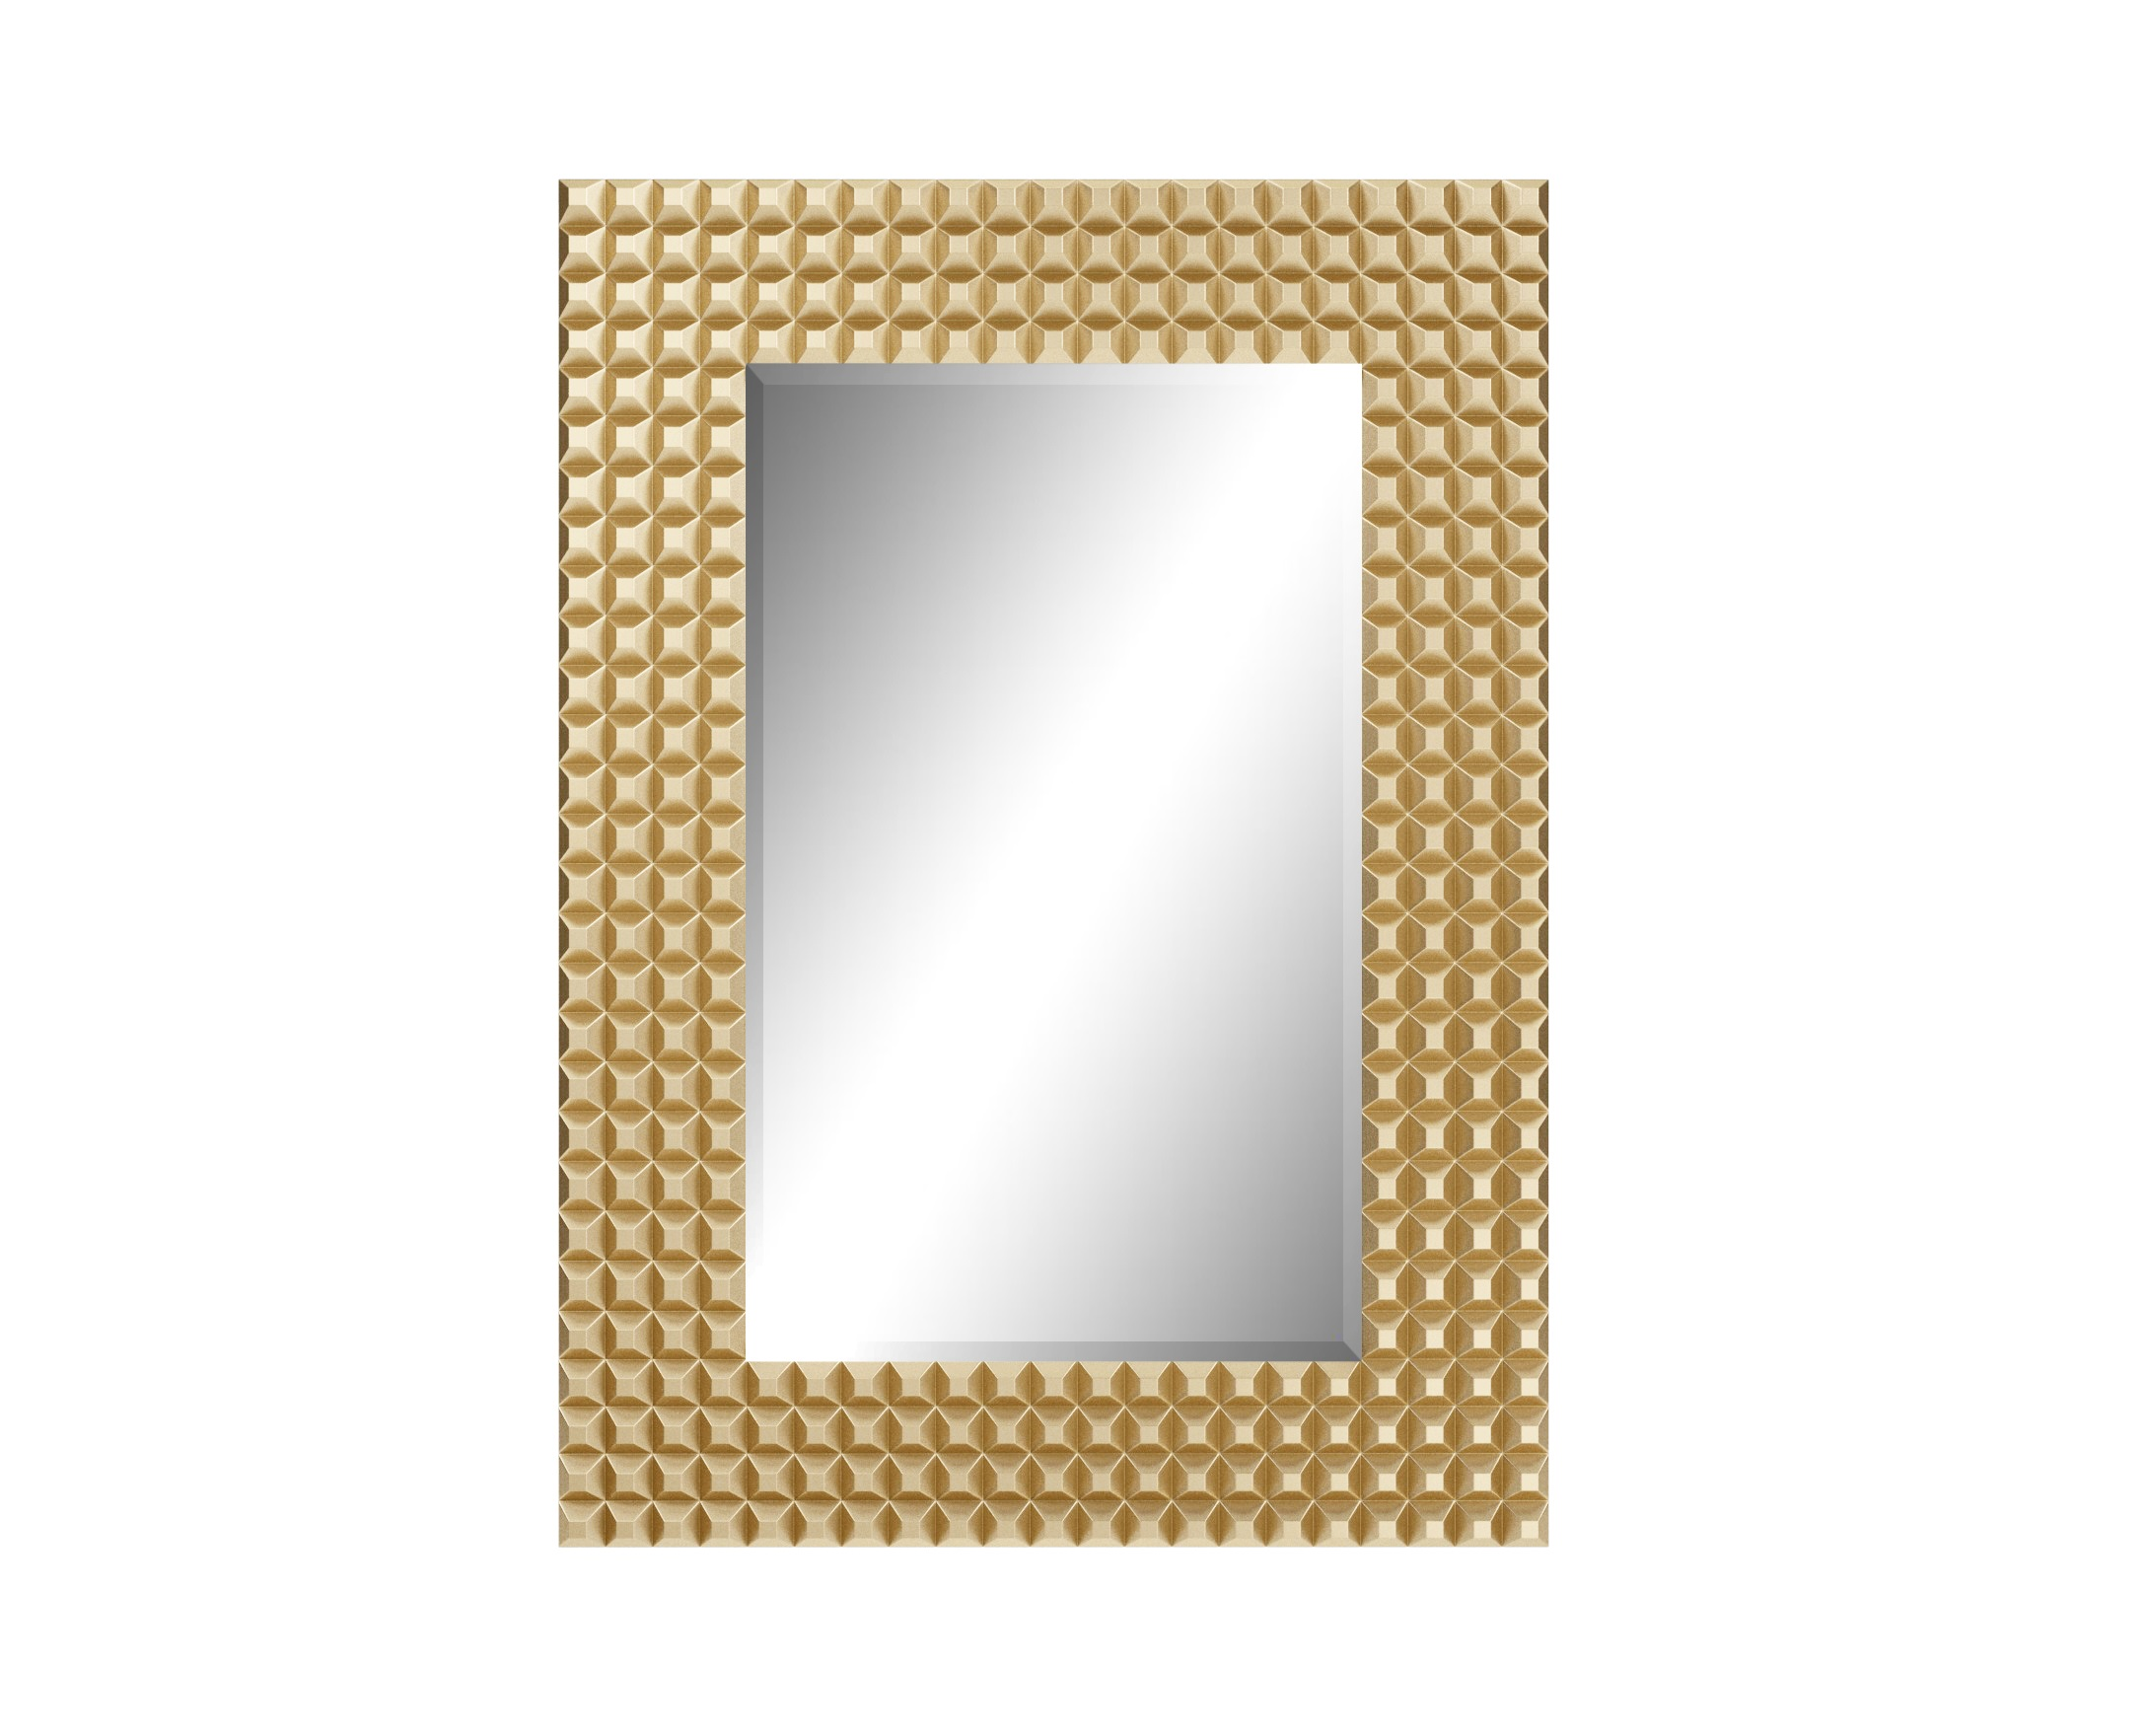 Зеркало Ambicioni 15439640 от thefurnish